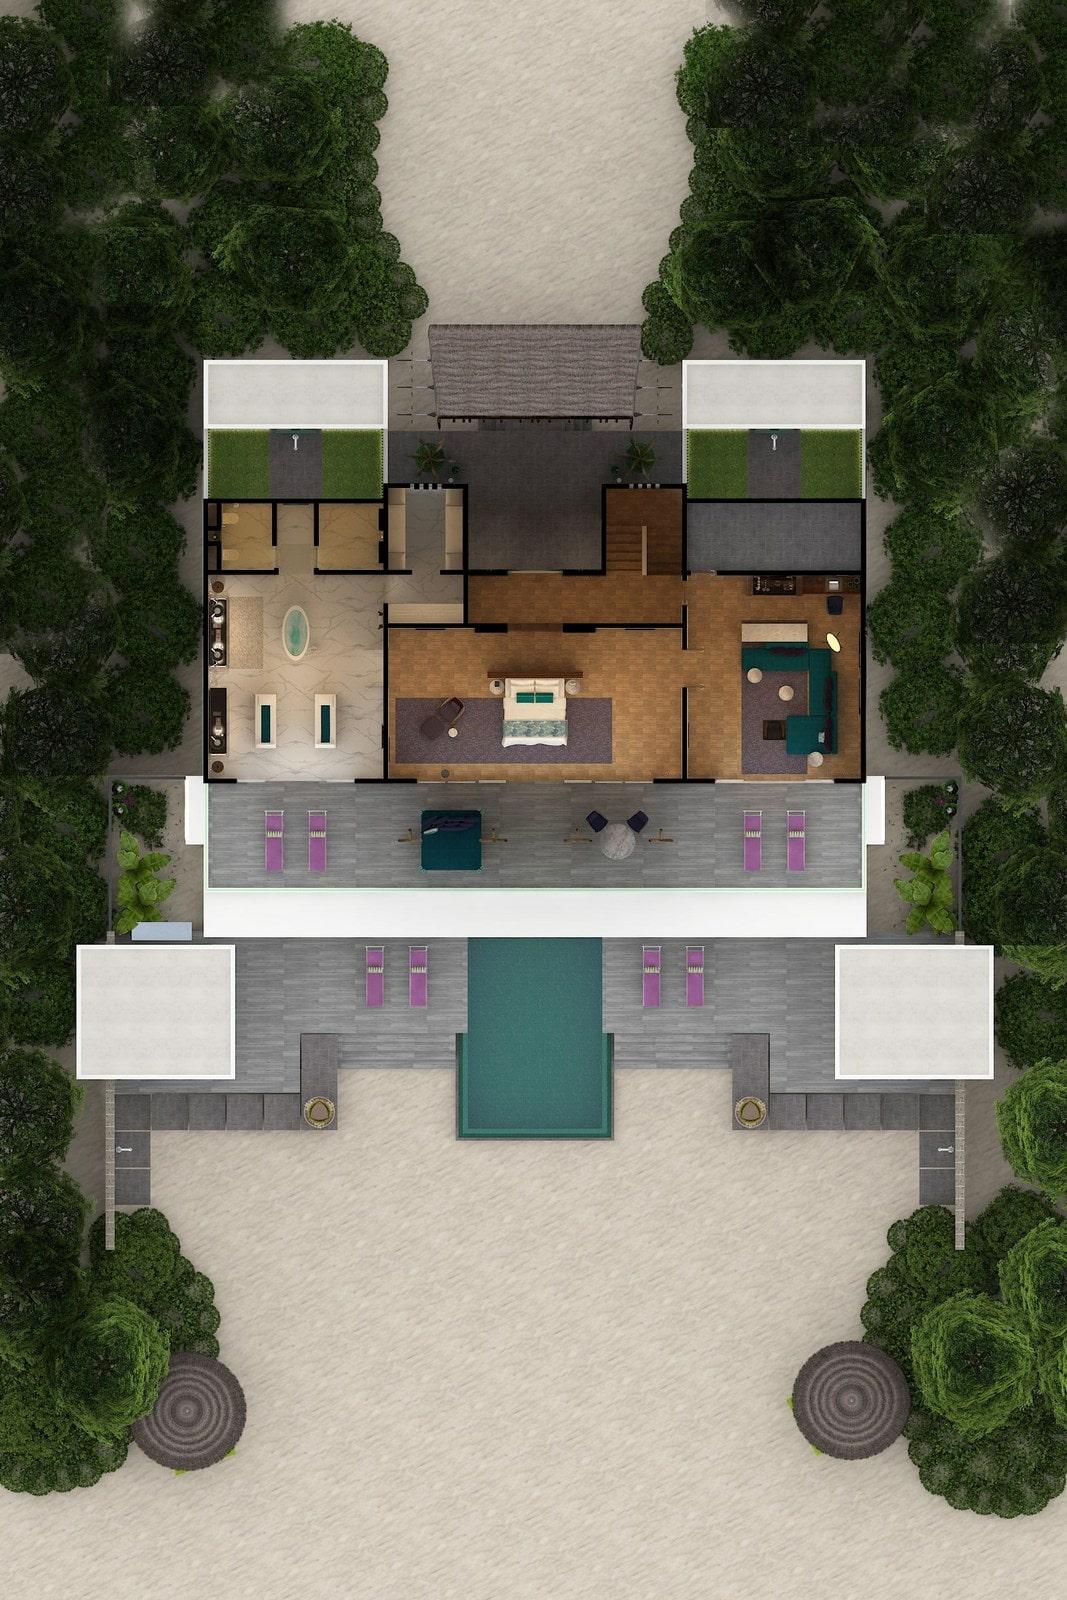 Мальдивы, отель Emerald Maldives Resort & Spa, план-схема номера Royal Beach Villa